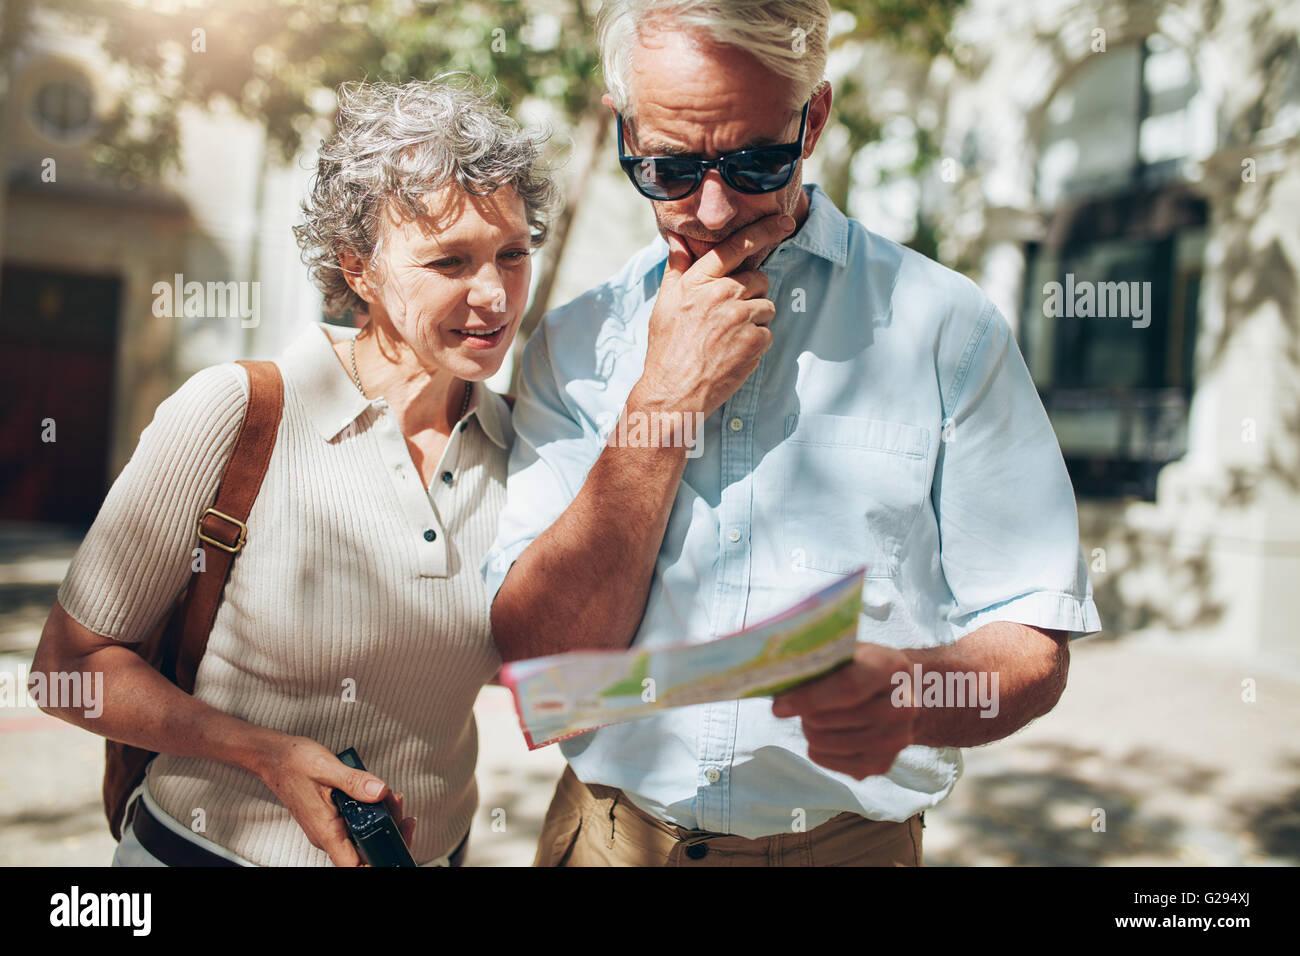 Couple une carte pendant les visites. Couple d'âge mûr à l'aide de plan de ville sur leurs Photo Stock